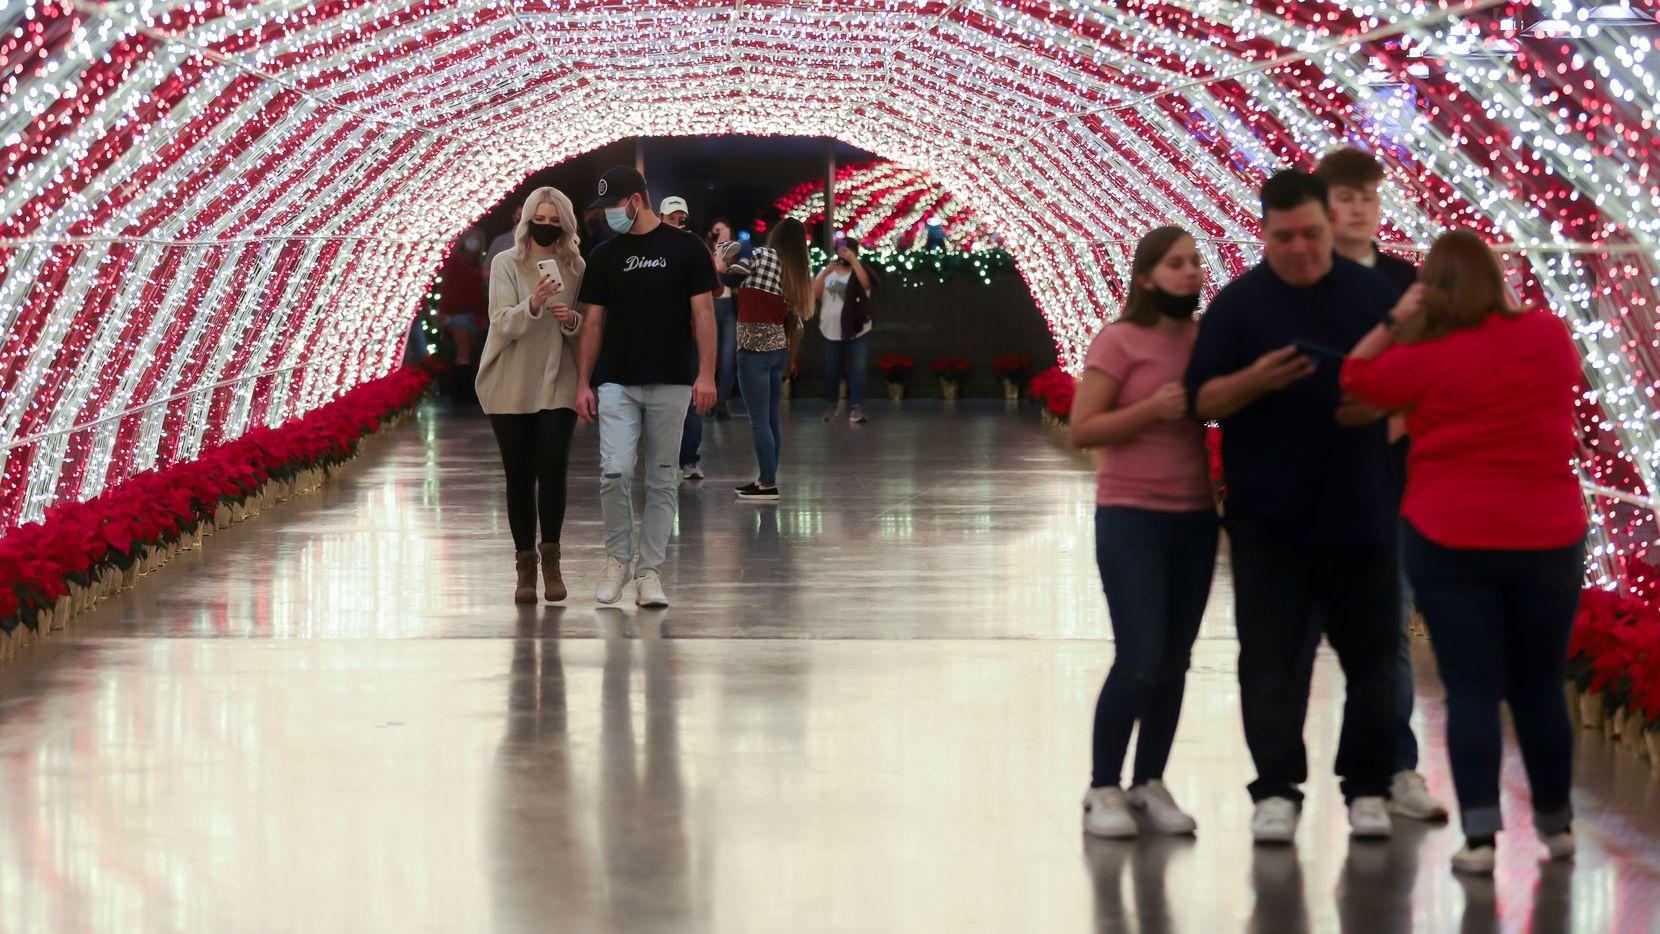 Luminova Holidays en el Globe Life Field en Arlington, uno de varios lugares en el Norte de Texas para disfrutar de lucecitas navideñas este 2020.